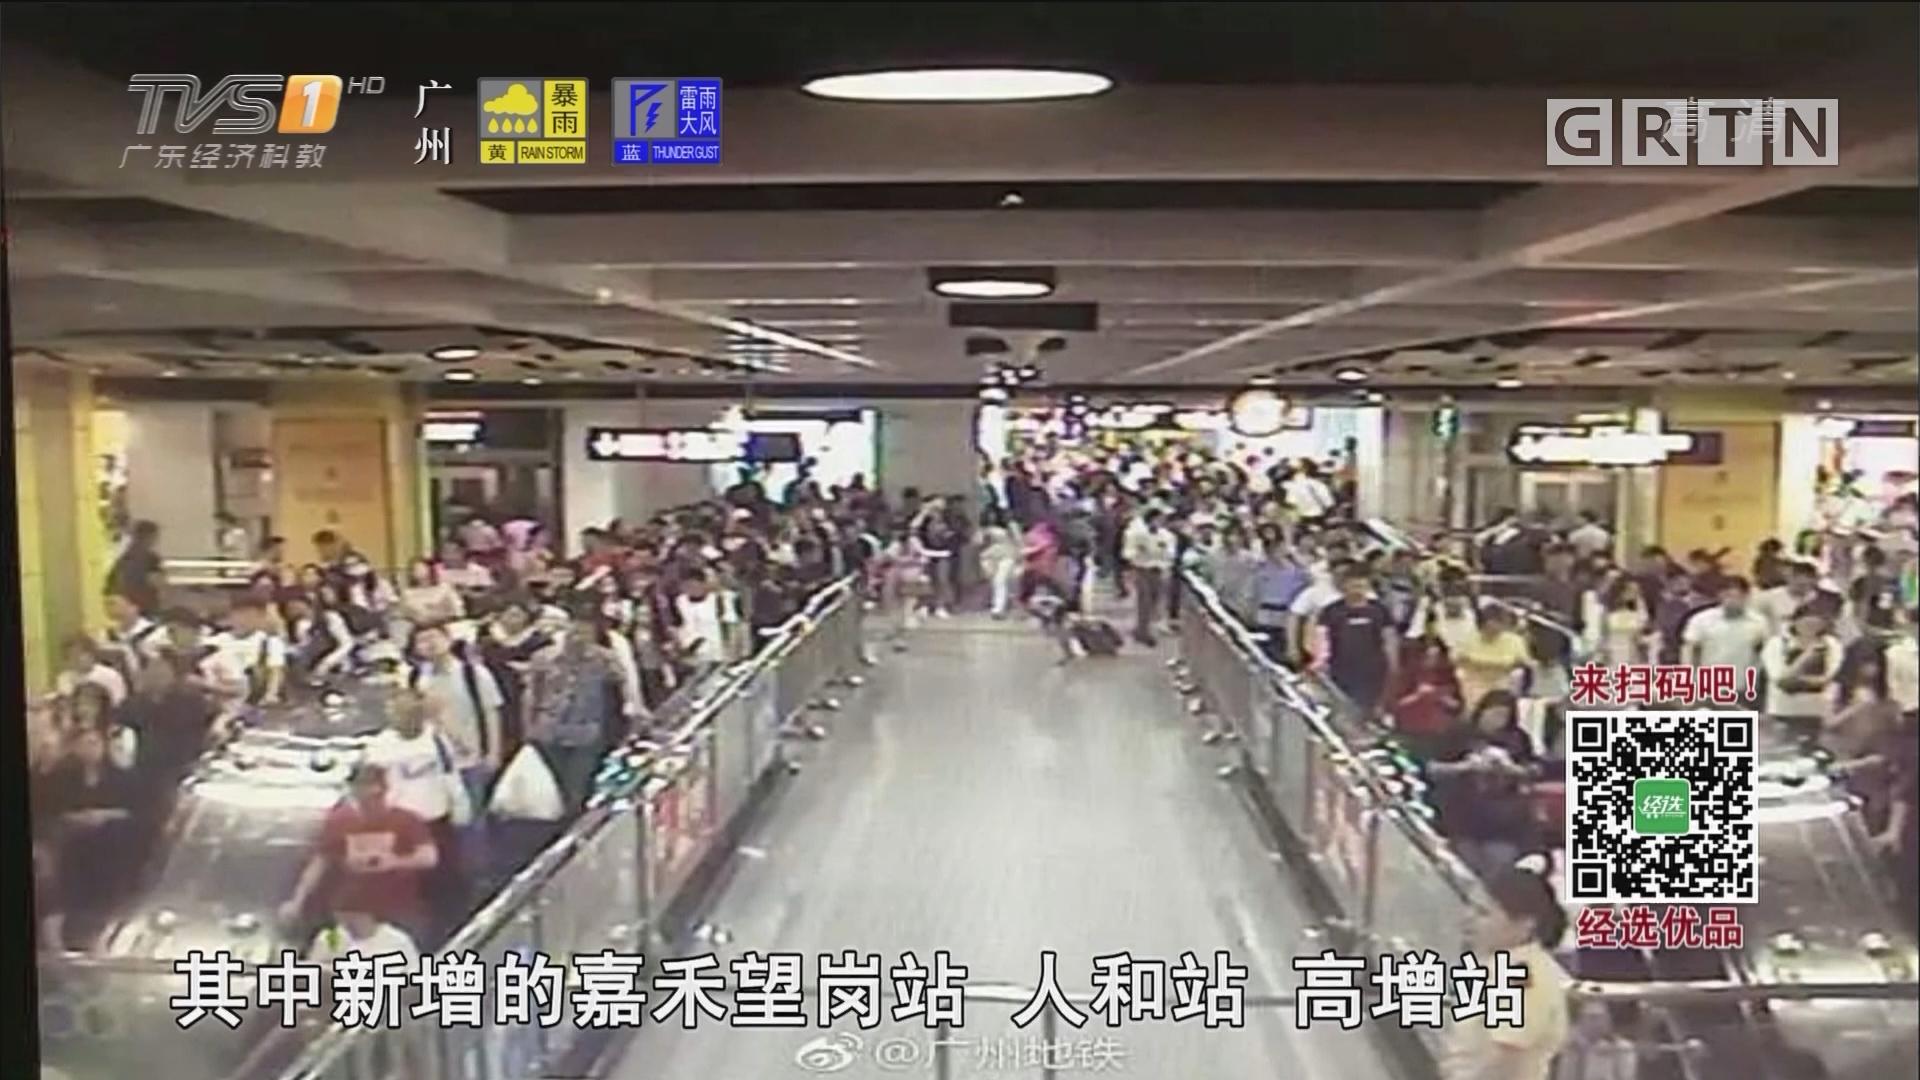 广州地铁新增四个站常态化限流 本月22日起实施